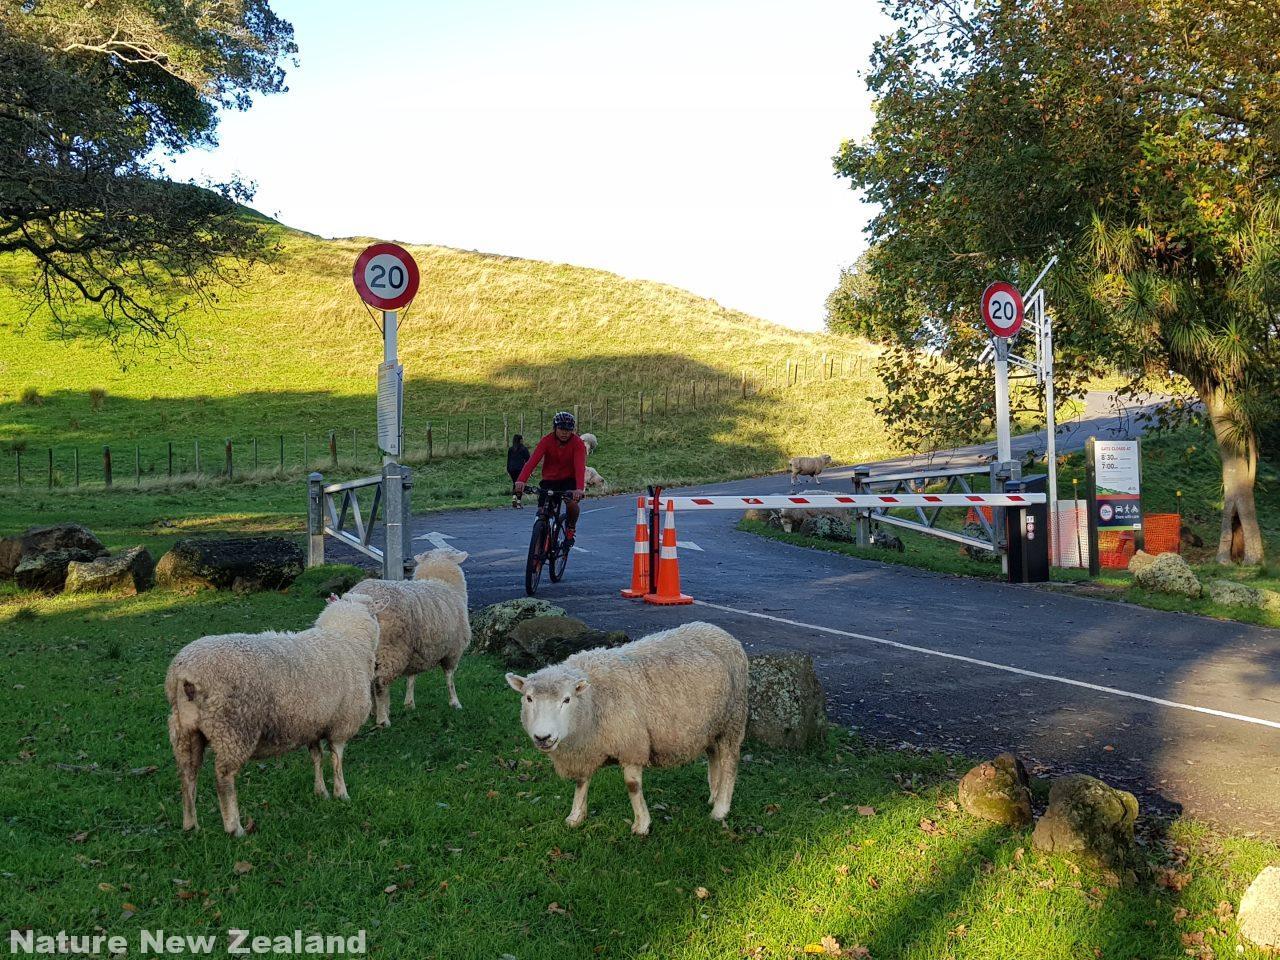 one tree hillへの頂上への車の乗り入れ禁止を示すゲート。筆者撮影2018年5月。羊は通っていいよ。